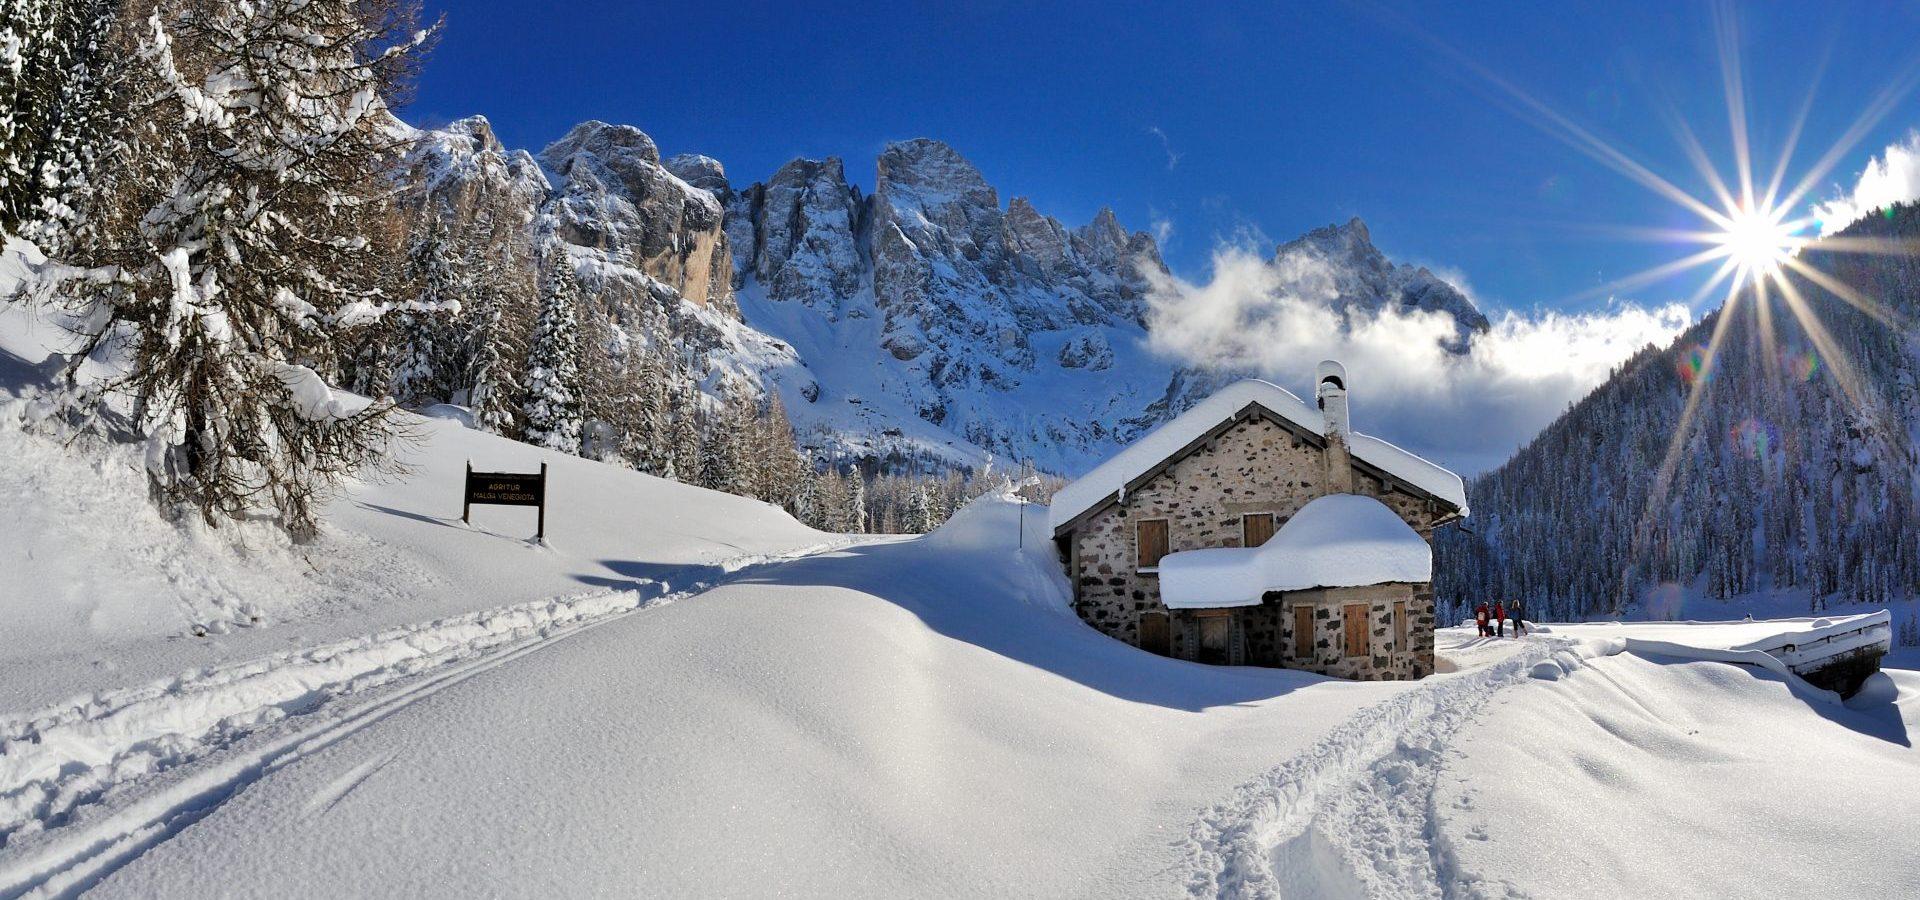 Winterlandschaft Berge mit Haus